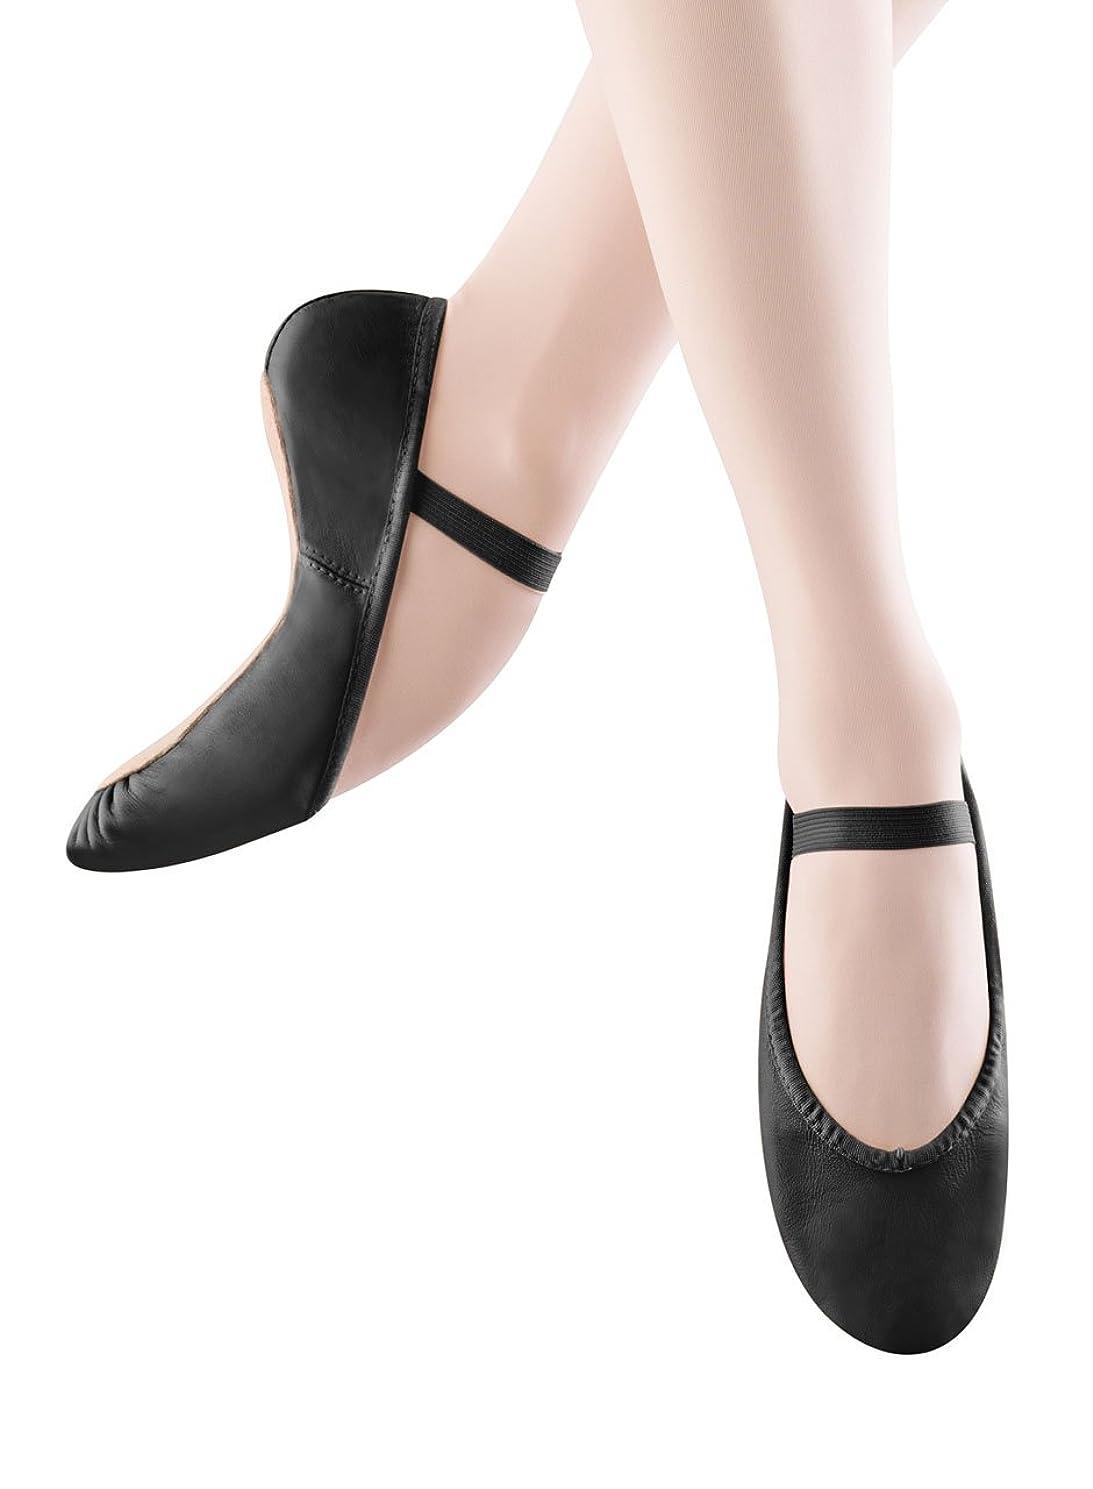 Bloch Dance Women's Dansoft Full Sole Leather Ballet Slipper/Shoe, Black, 3 Medium